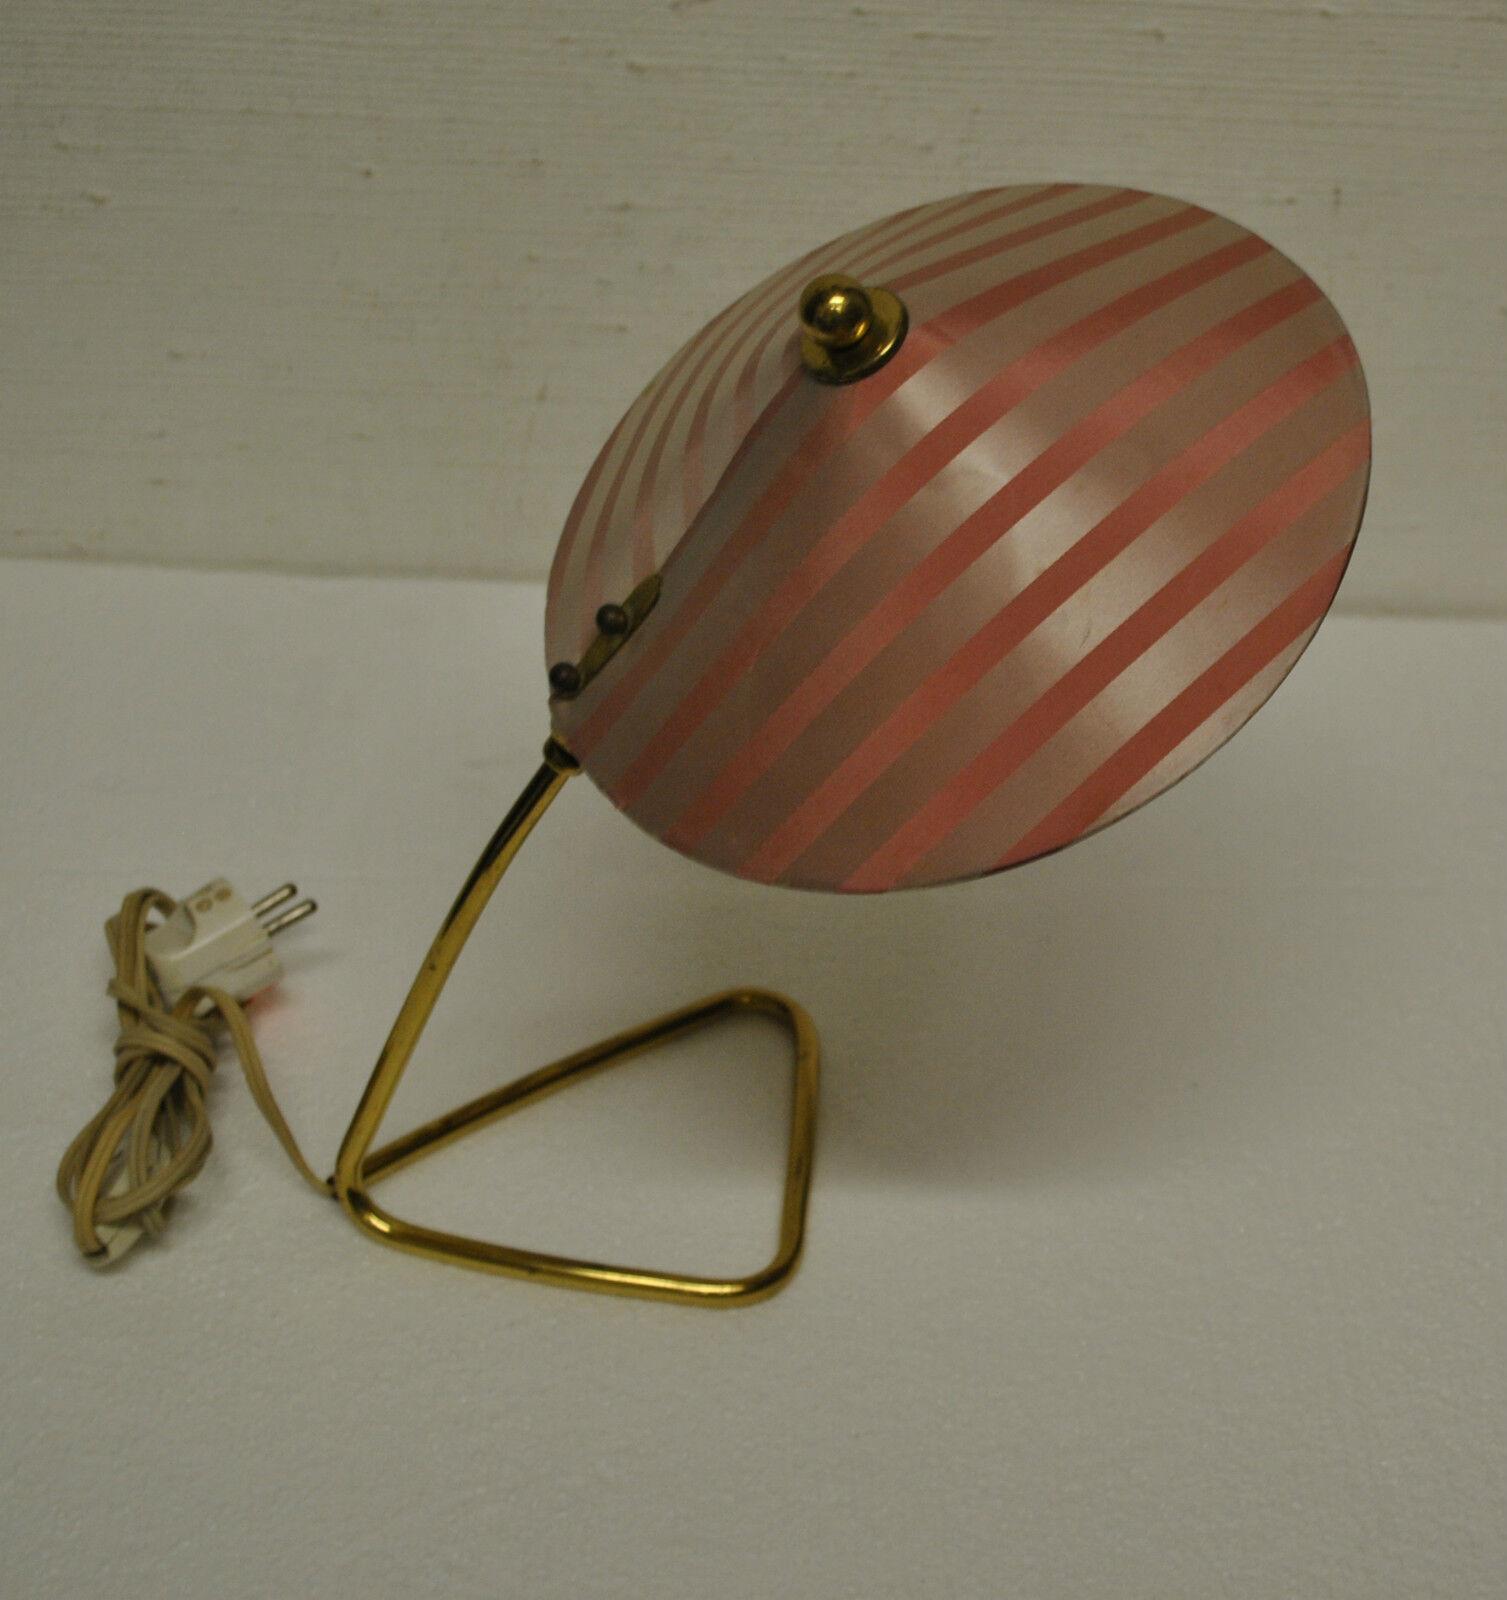 ORIGINALE 1950 anni '60anni '60 Luce da tavolo lampada piantana metà 50s 60s